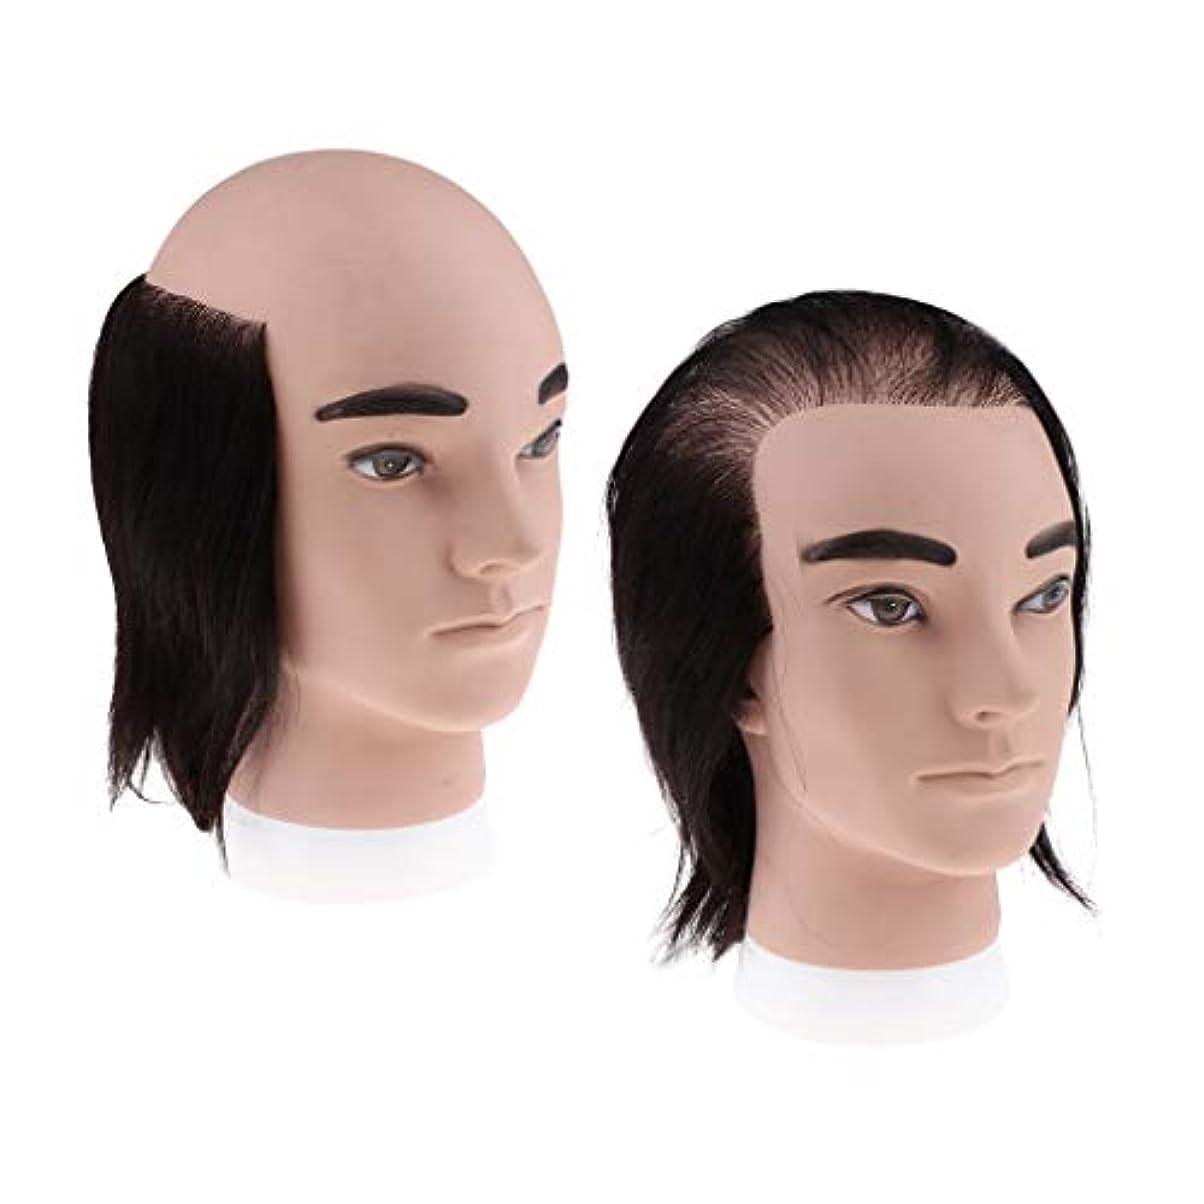 インスタンス適度な医師DYNWAVE 人間の髪の毛男性マネキンヘッド美容院サロントレーニング練習ヘッド2ピース